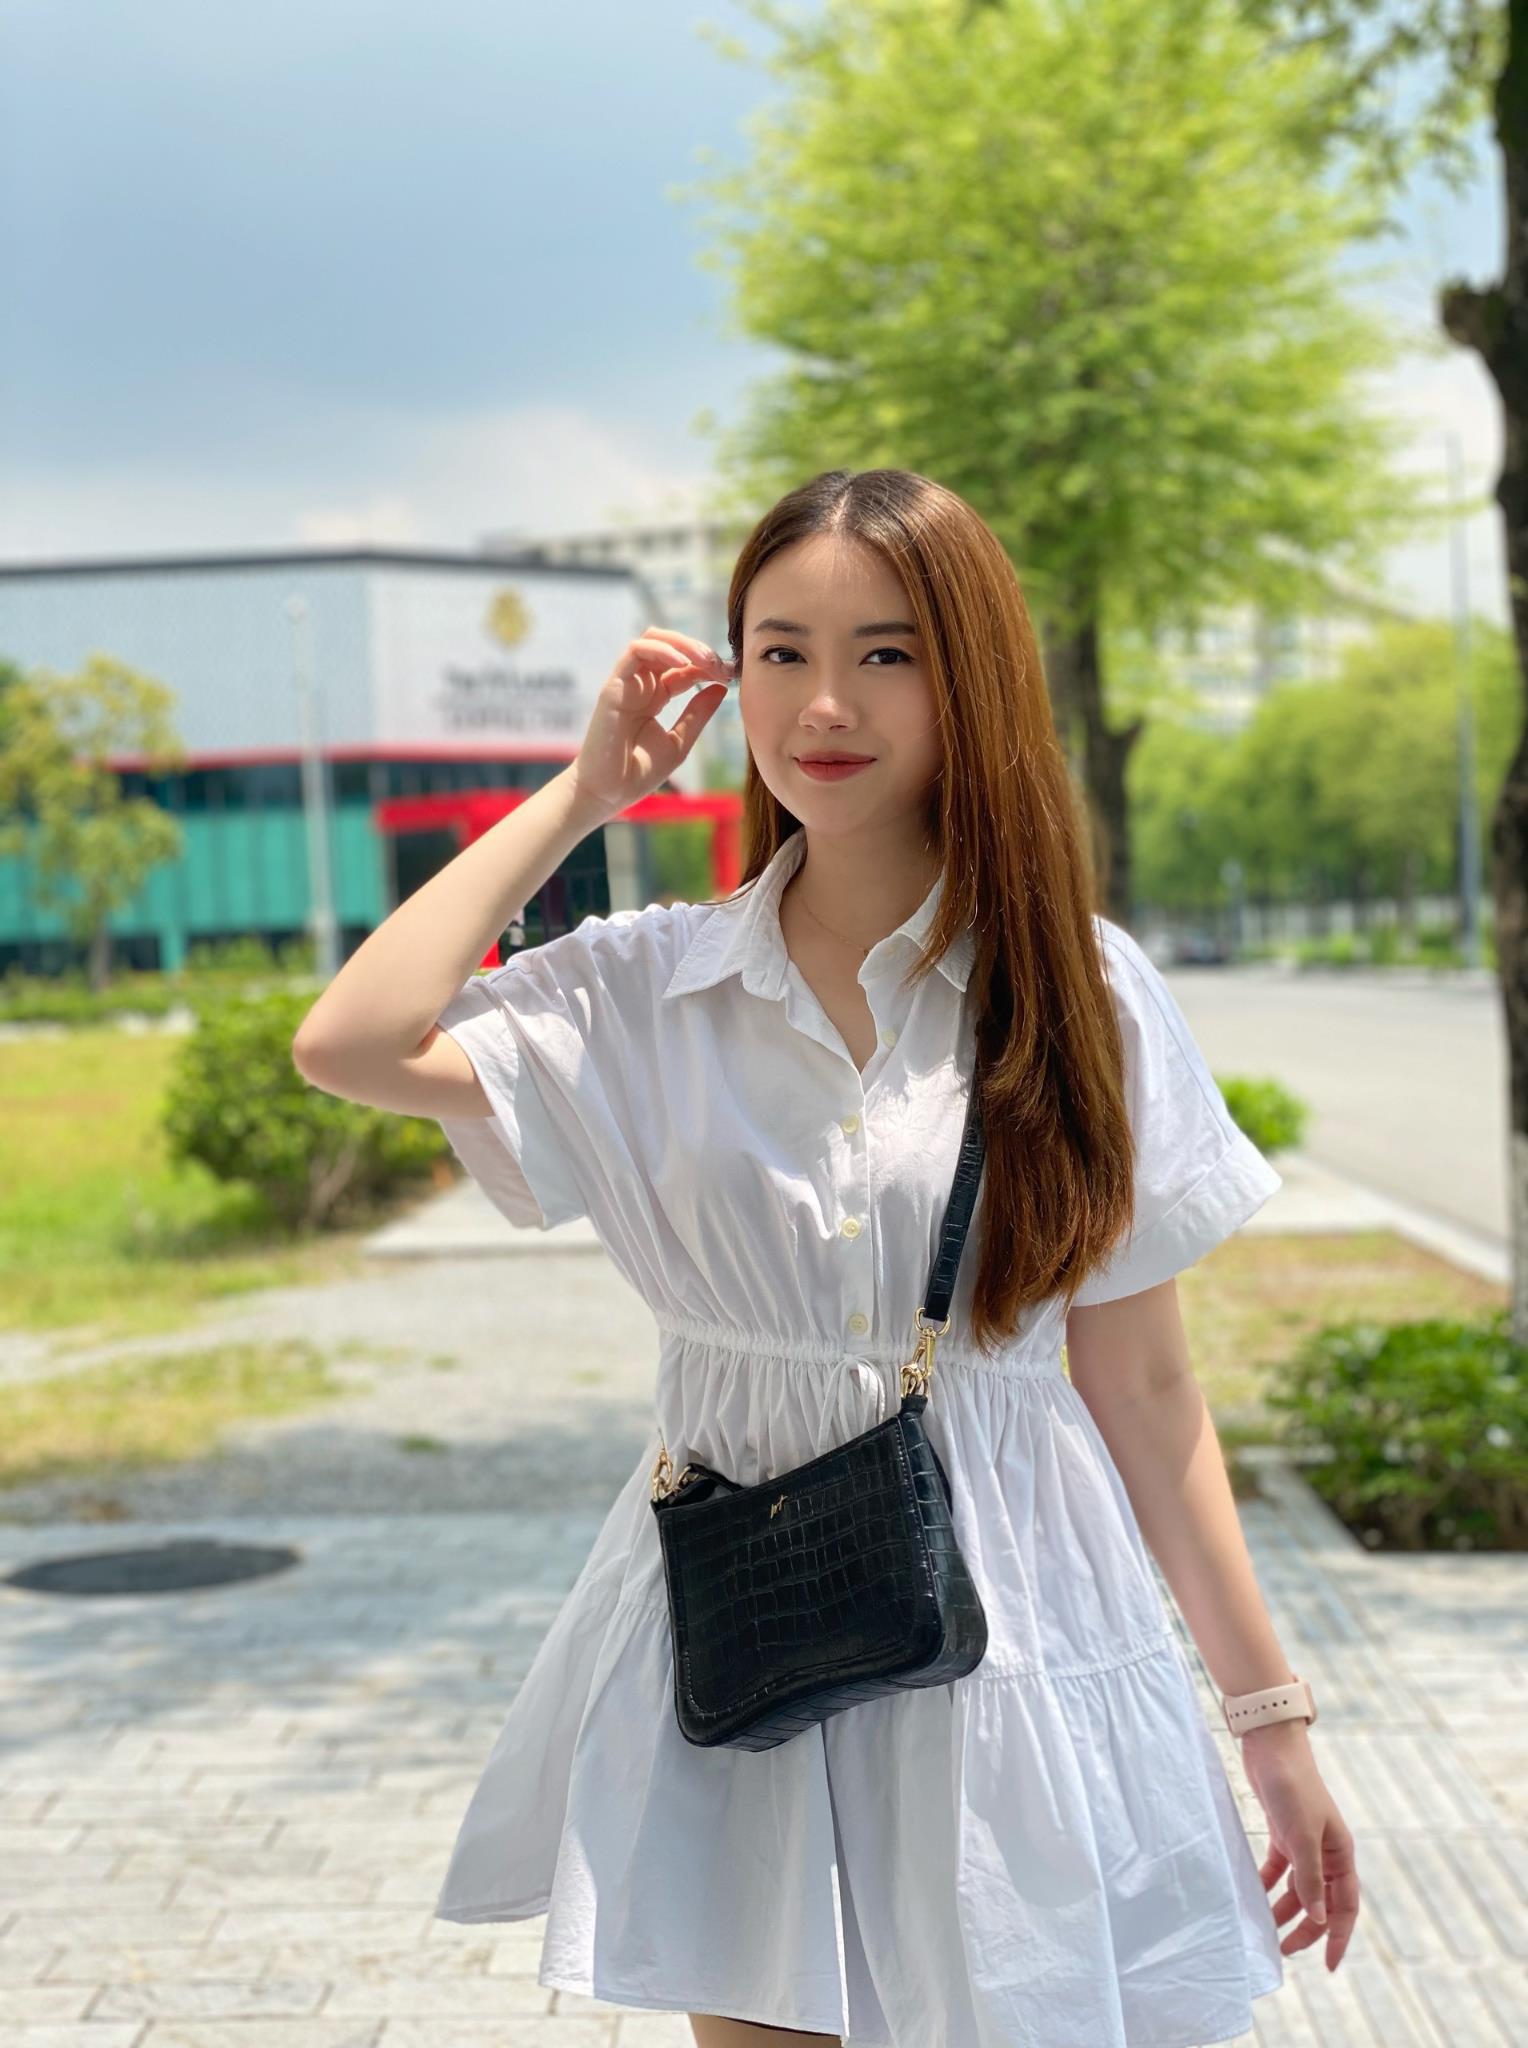 Tò mò chiếc túi được diễn viên Kiều My chọn cho vai Mai Khôi trong phim Ngày Mai Bình Yên - Ảnh 2.